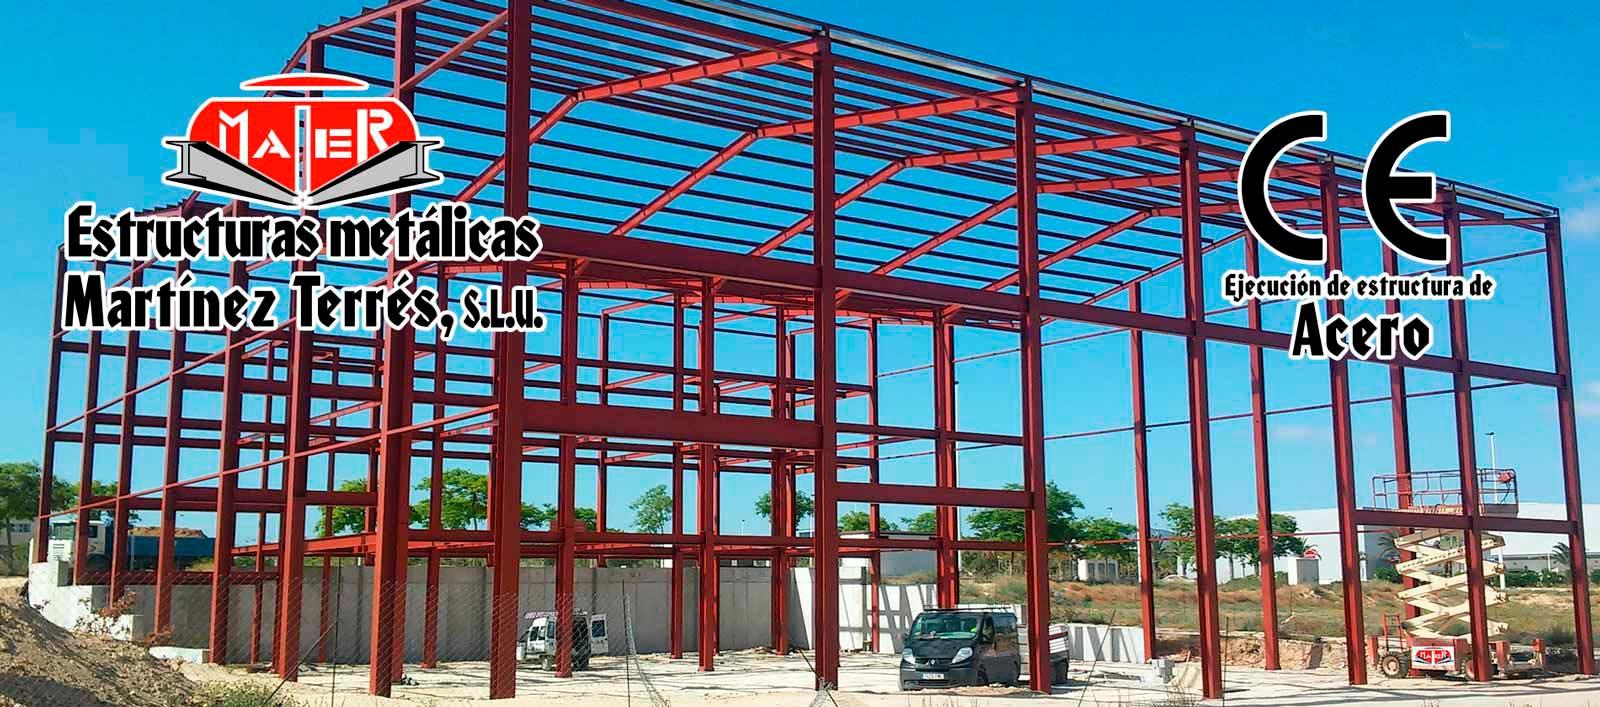 Estructuras Metálicas Martínez Terres S.L.U.